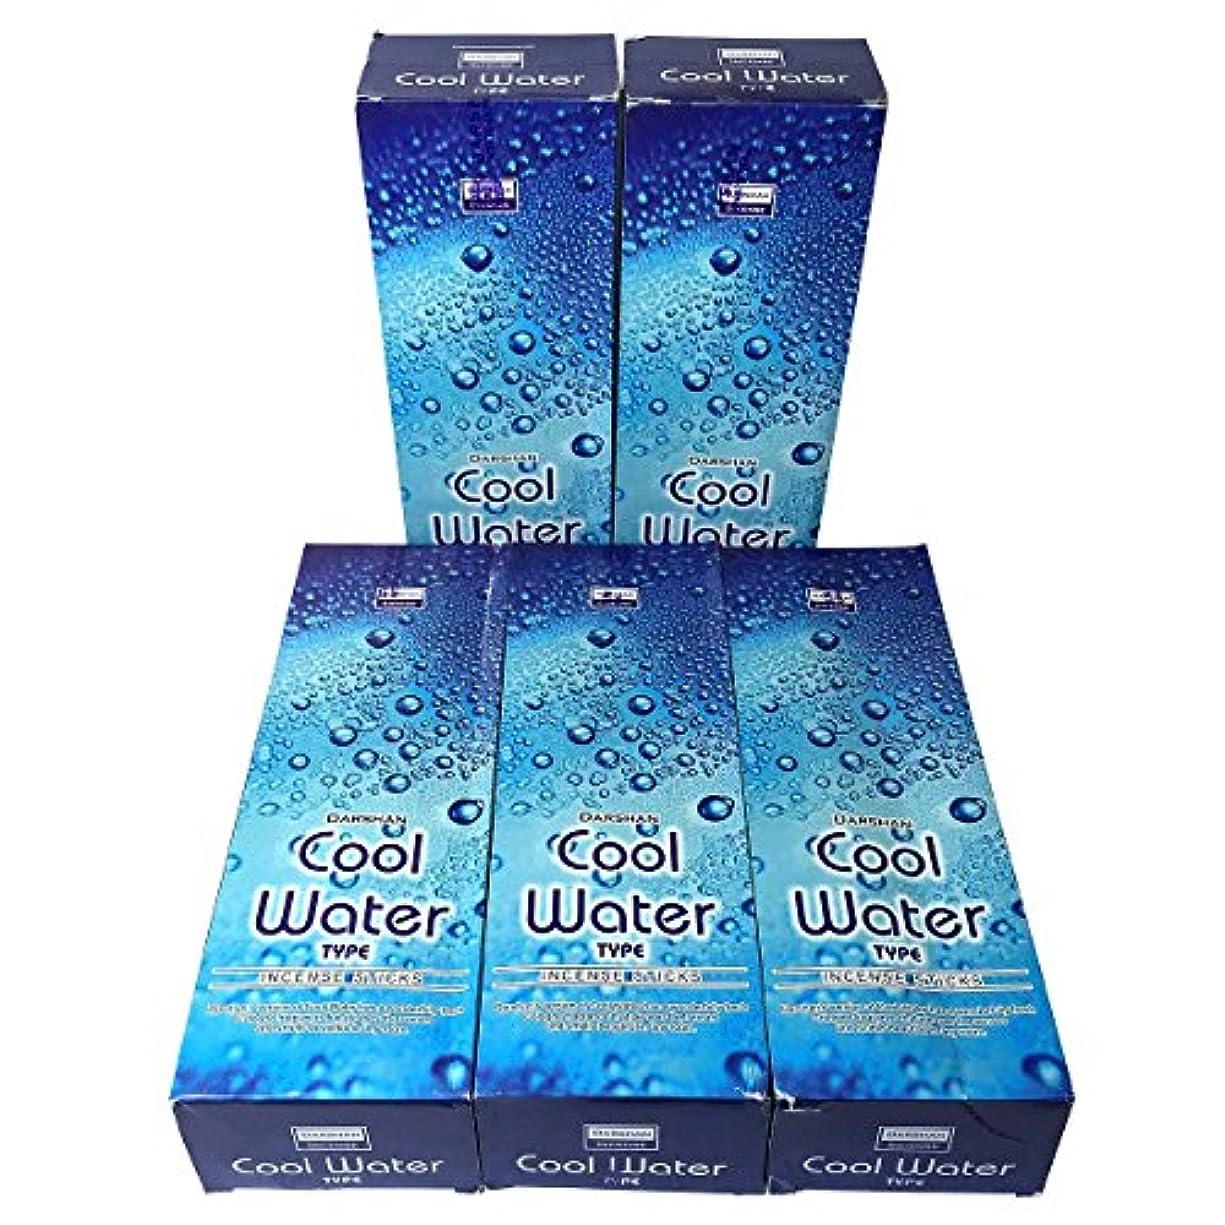 ディプロマ広範囲に半ばクールウォーター香スティック 5BOX(30箱)/DARSHAN COOL WATER/ インド香 / 送料無料 [並行輸入品]